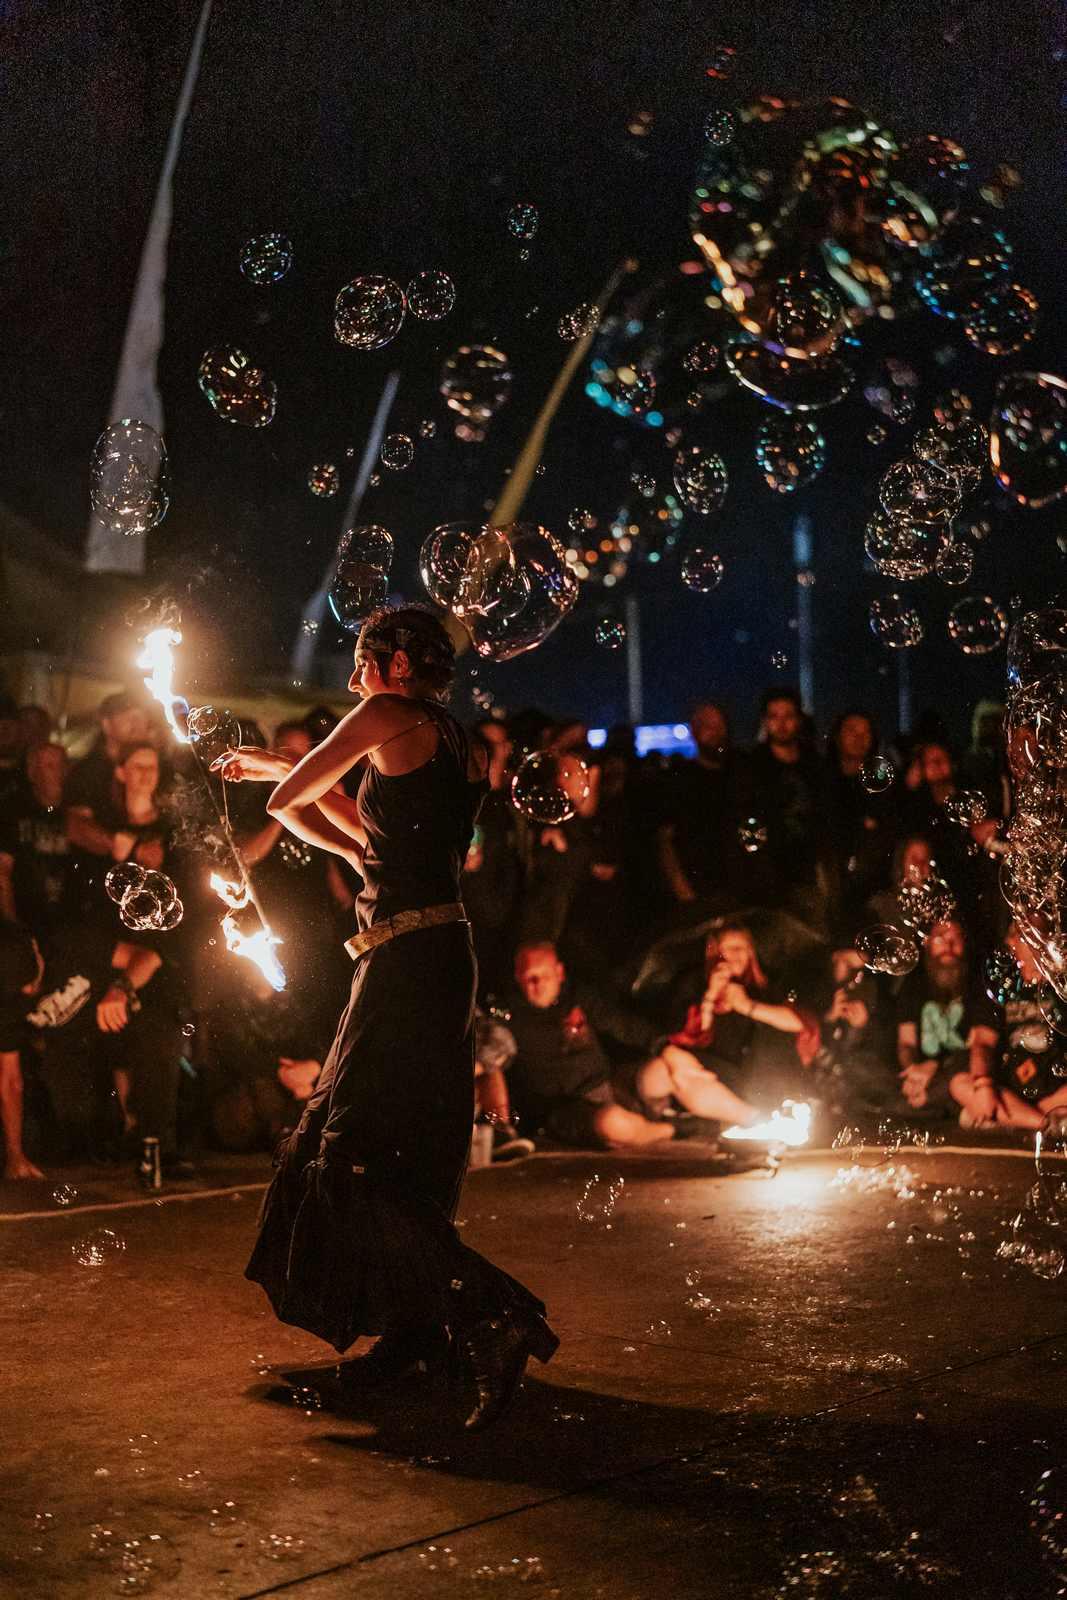 Feuershow mit Seifenblasen in Hildesheim, M'era Luna Festival 2019, Foto: Robin Schmiedebach